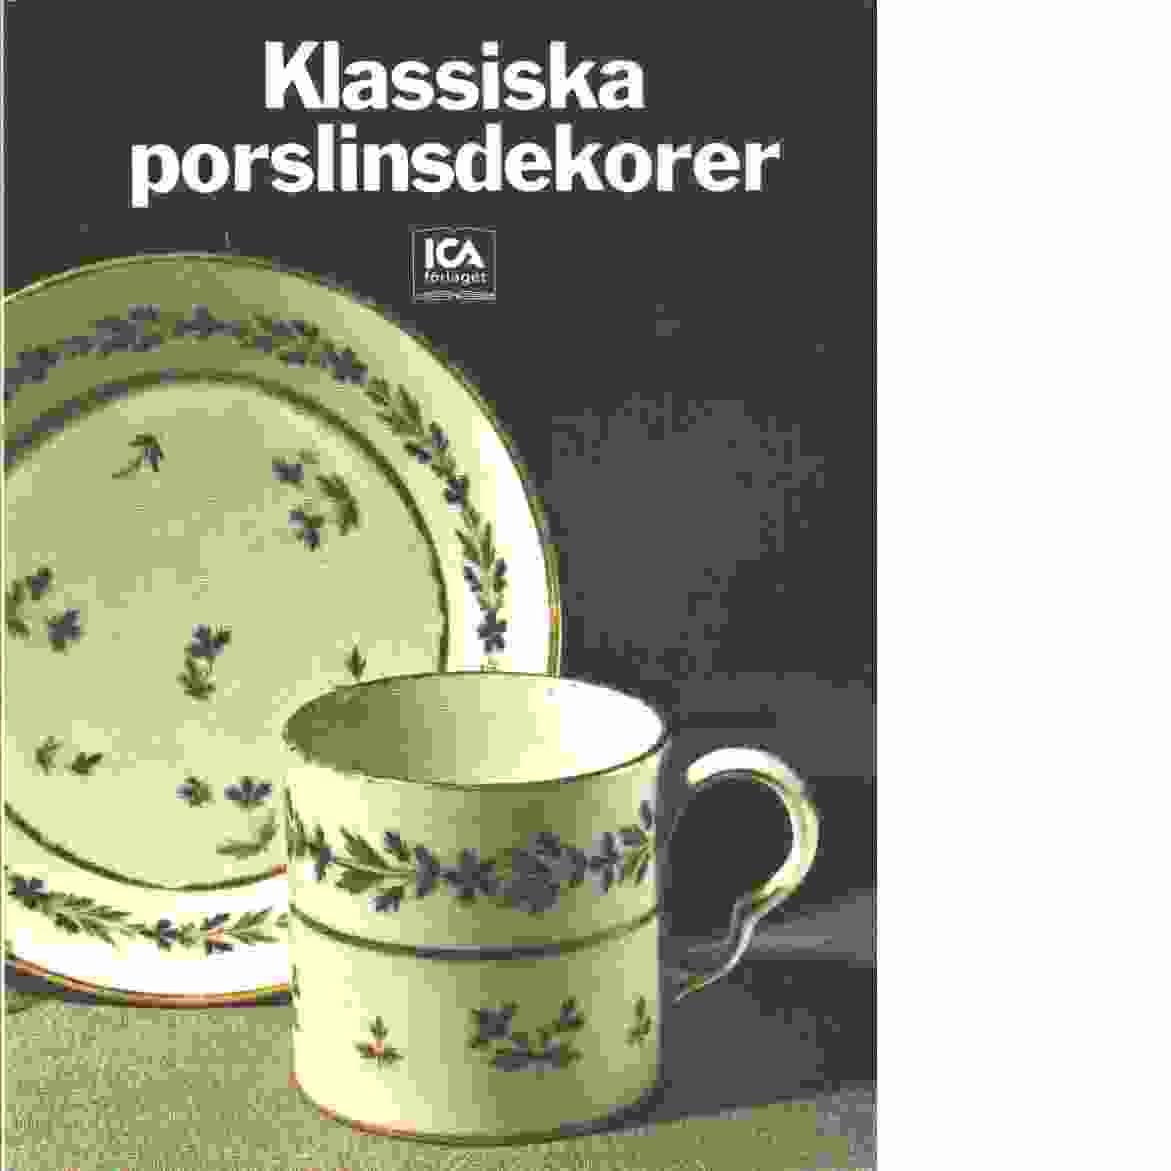 Klassiska porslinsdekorer - Örtengren, Kerstin